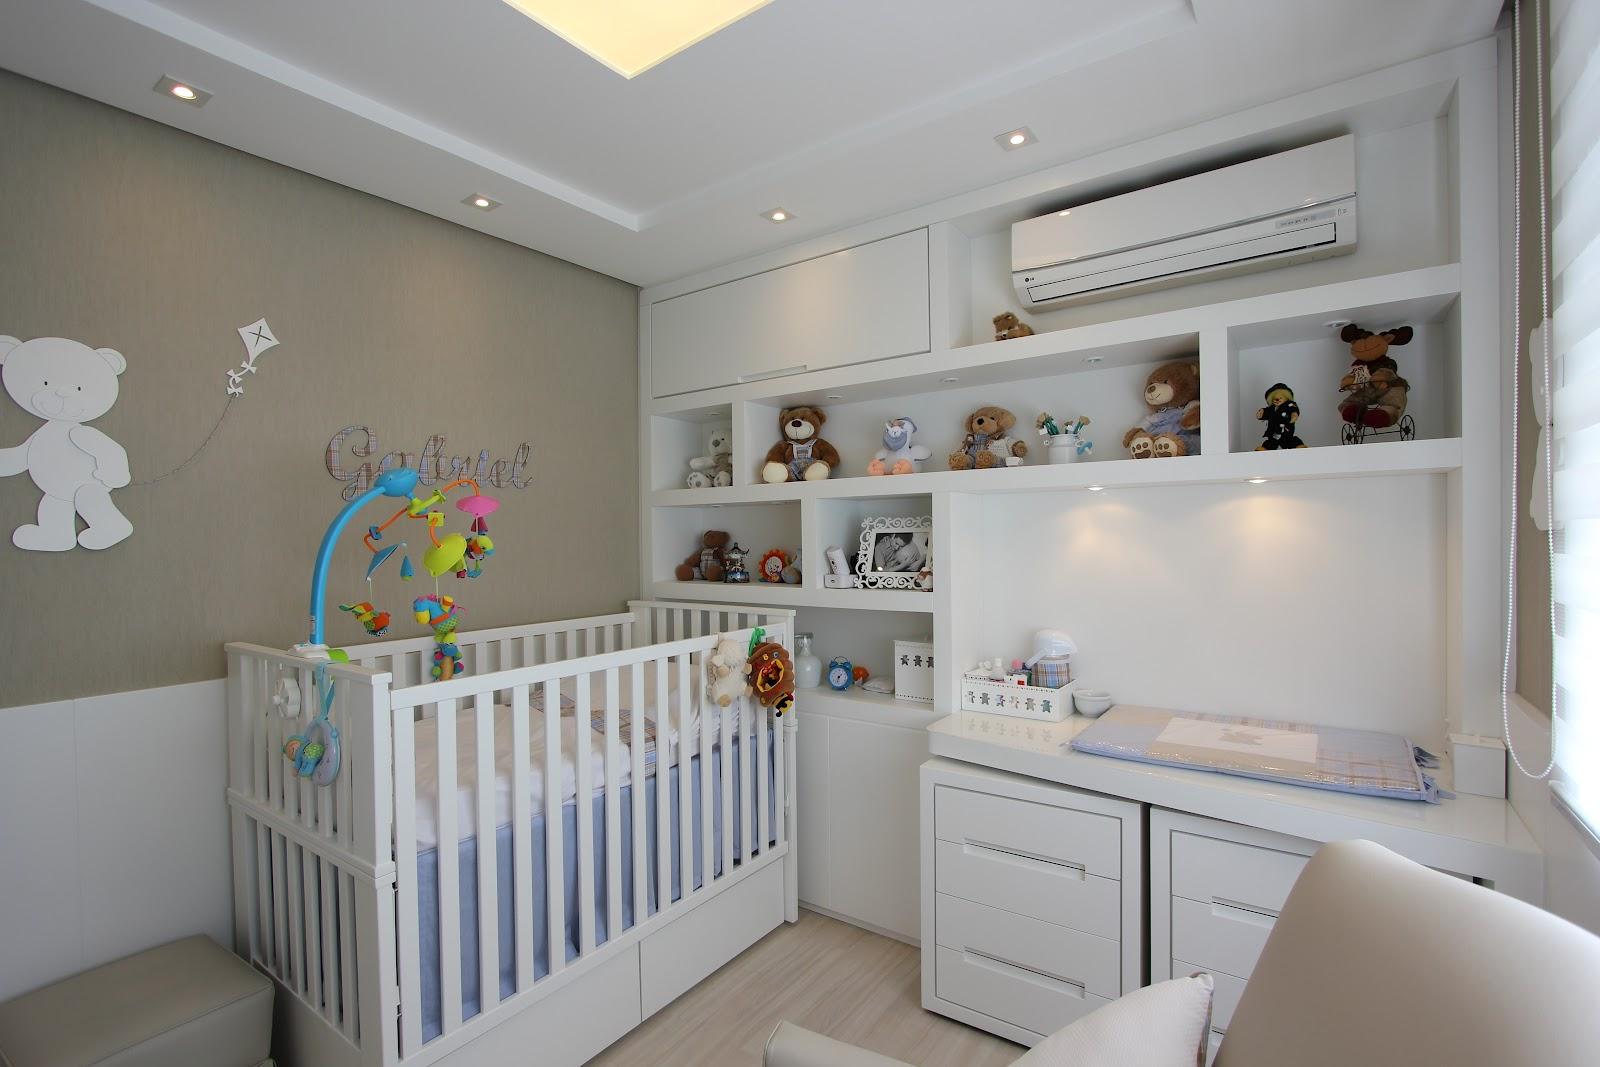 #624837 Andréa Pereira Interiores: Outubro 2014 4212 Instalar Ar Condicionado Janela Apartamento